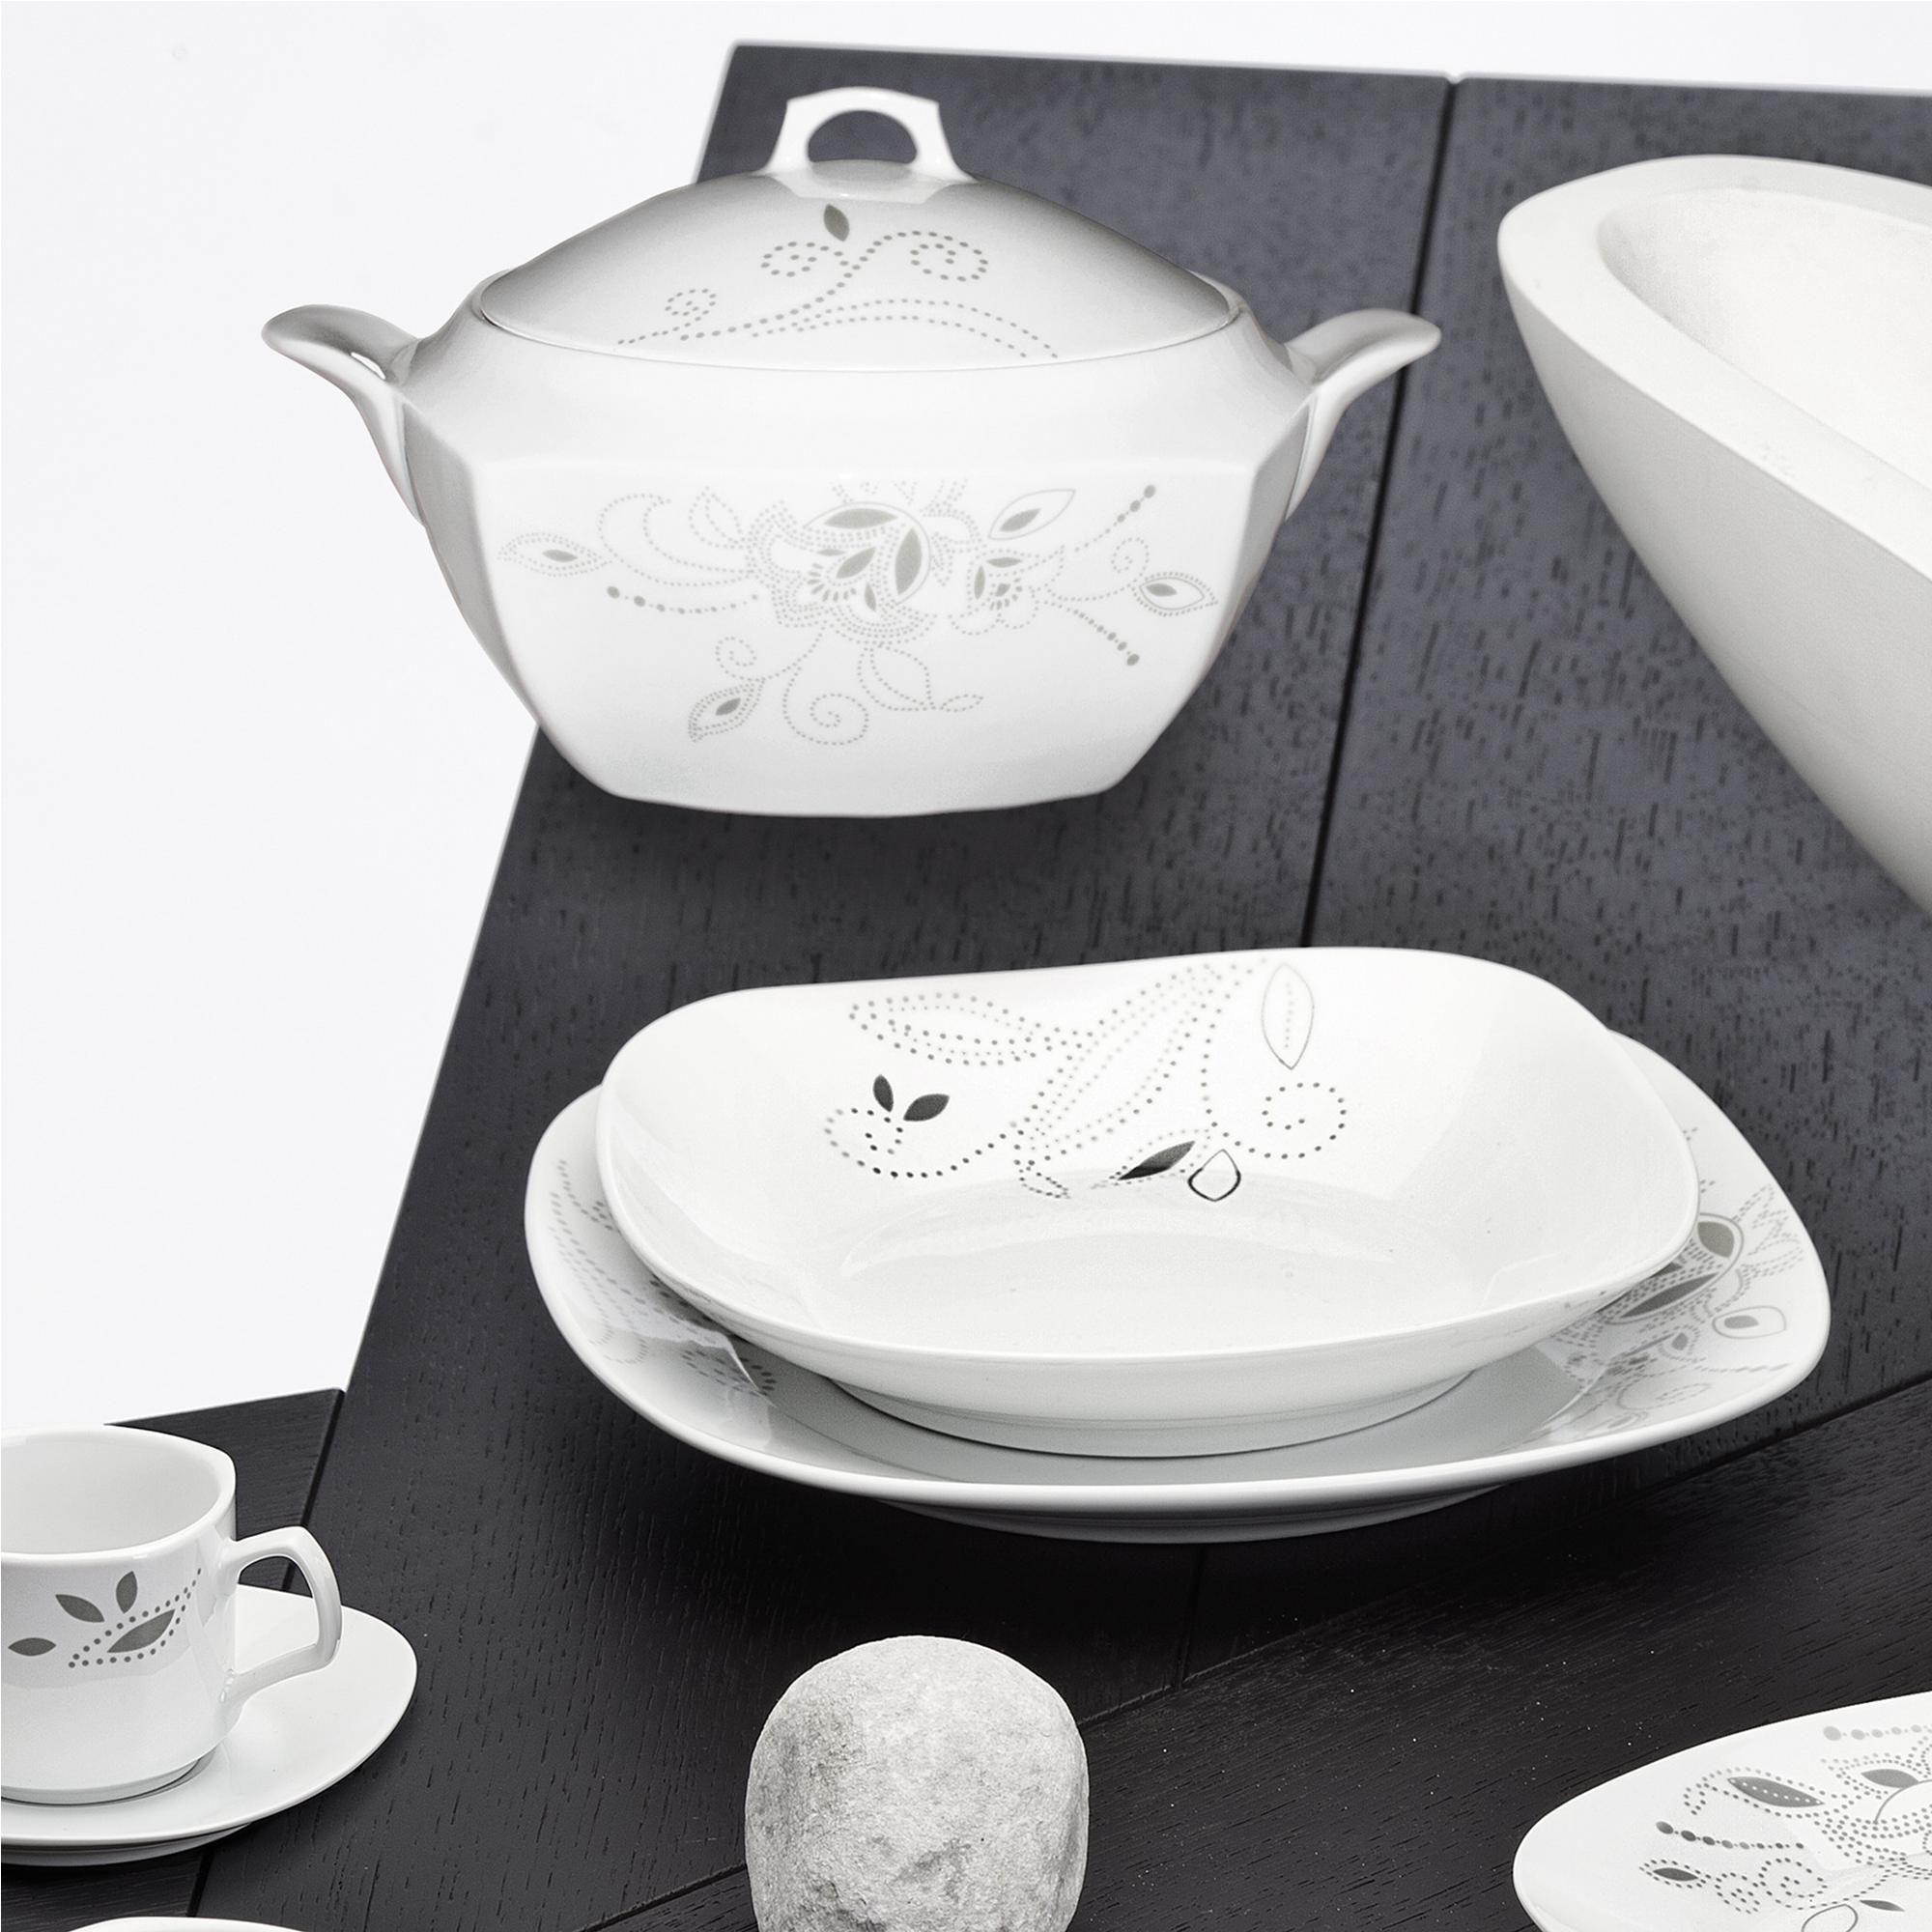 Serv 41 pezzi piatti Quebra Flor | Evviva | Stilcasa.Net: servizi piatti in porcellana